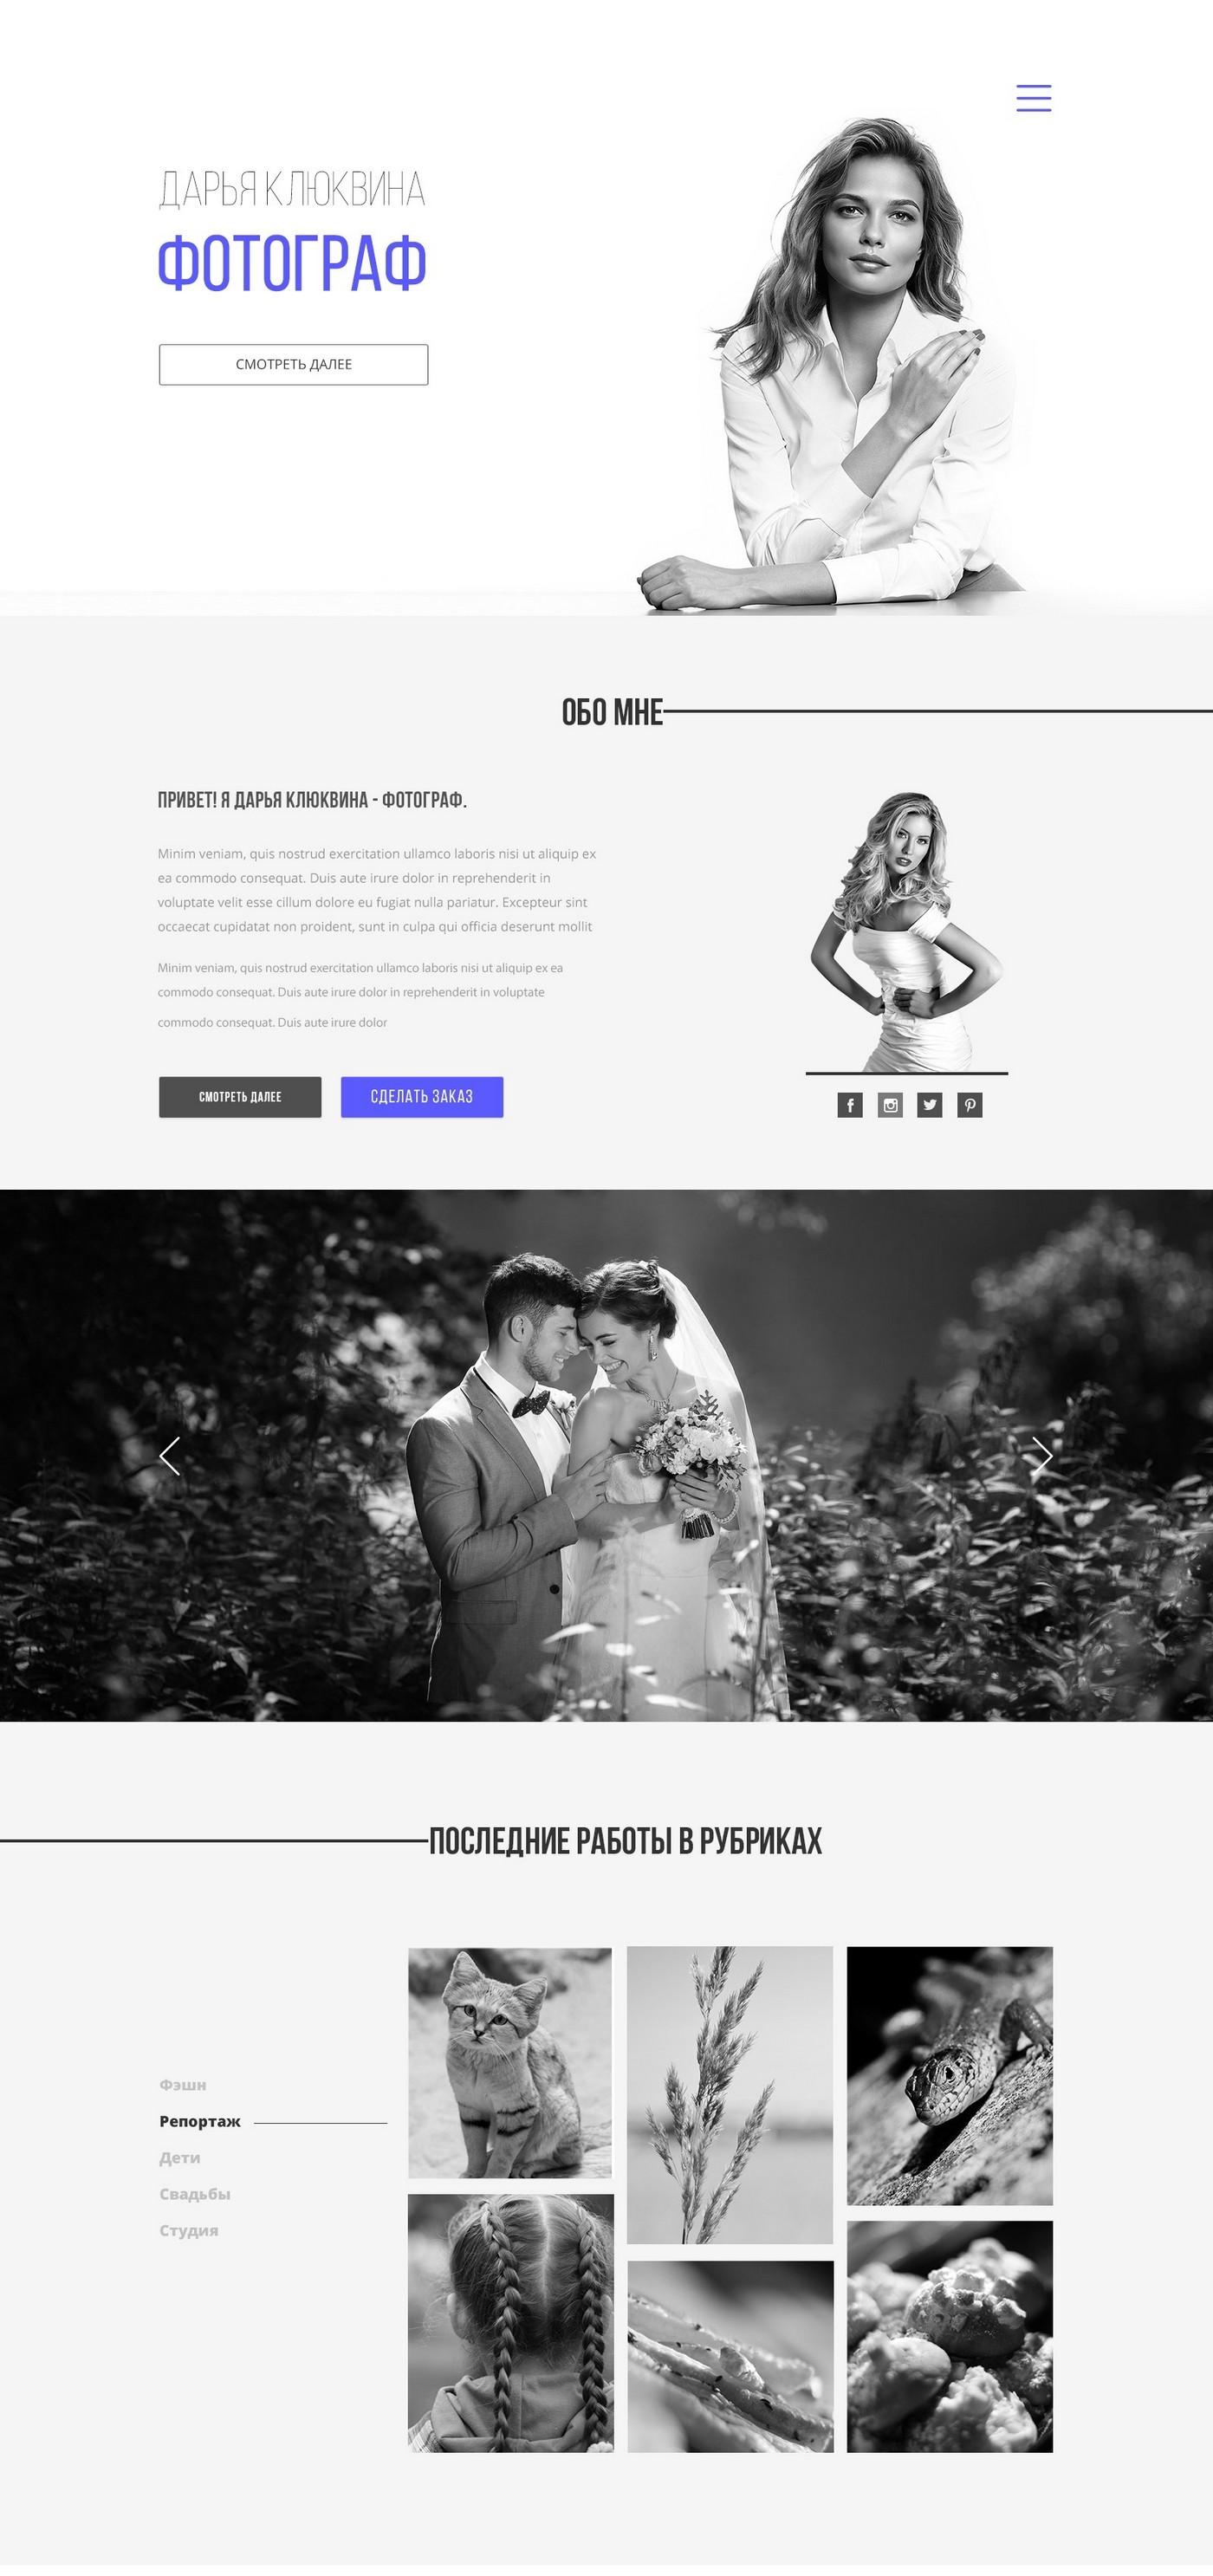 Дизайн для сайта фотографа